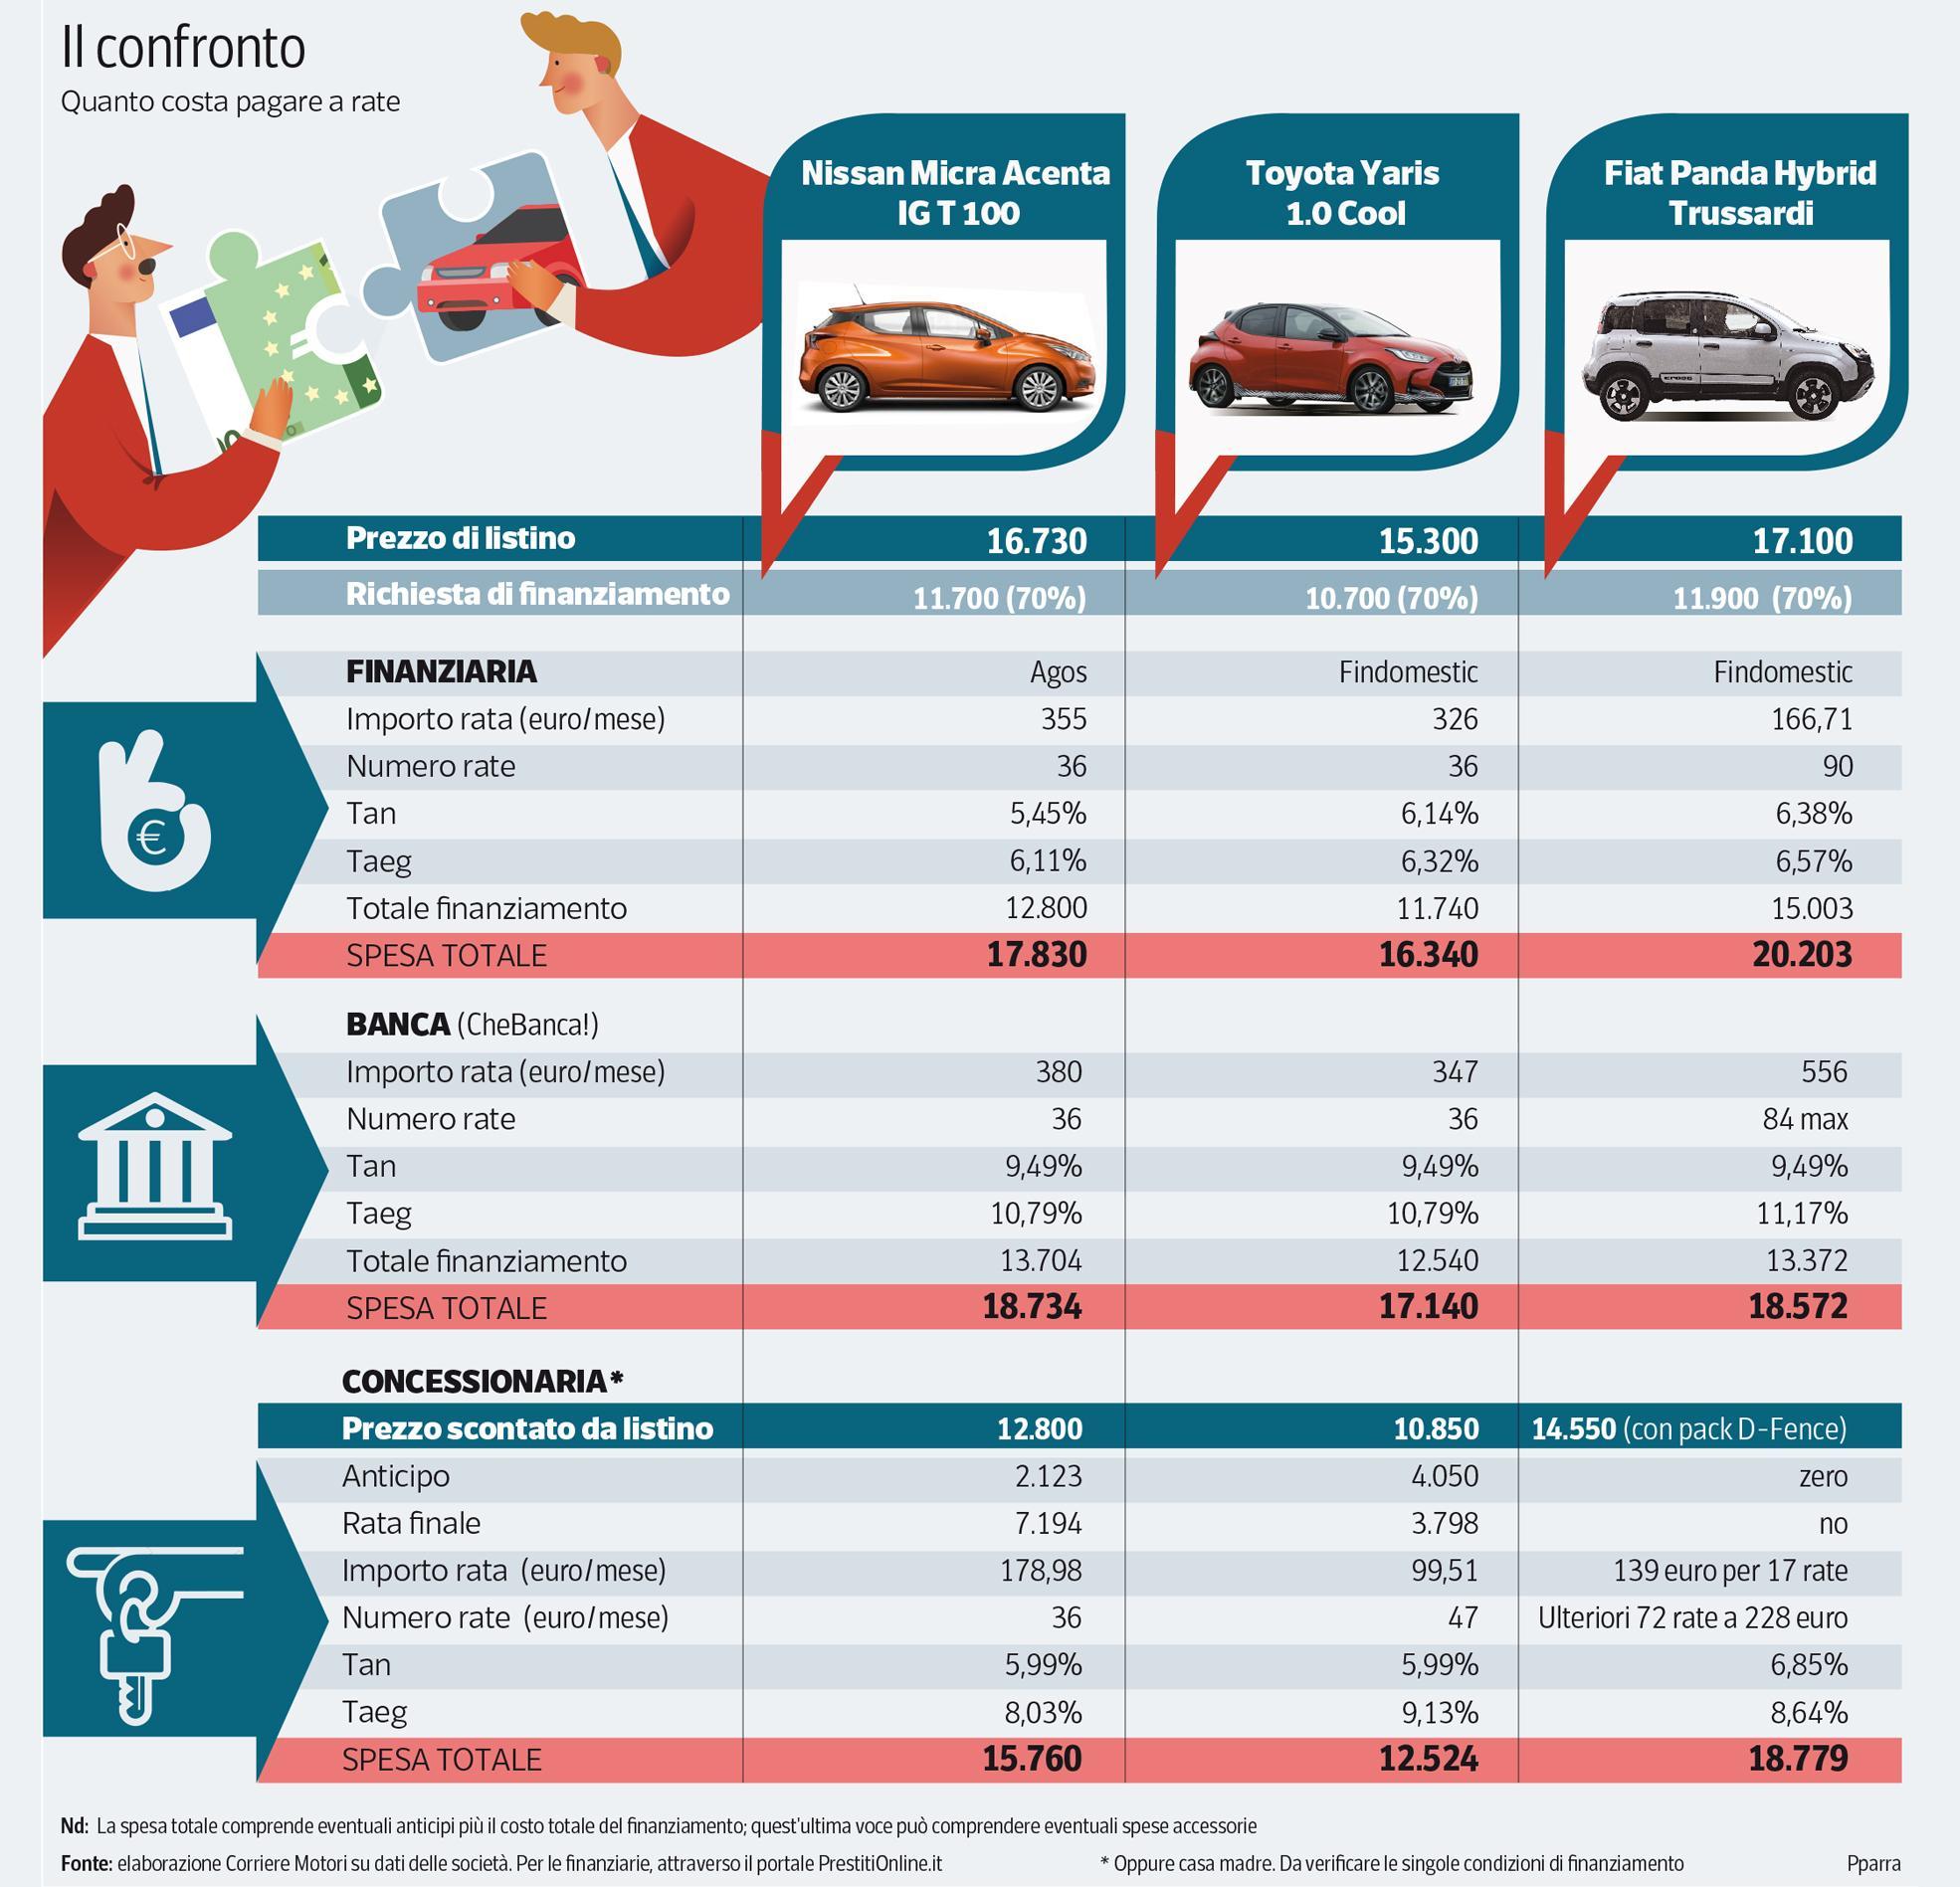 Acquisto di un'auto con finanziamento